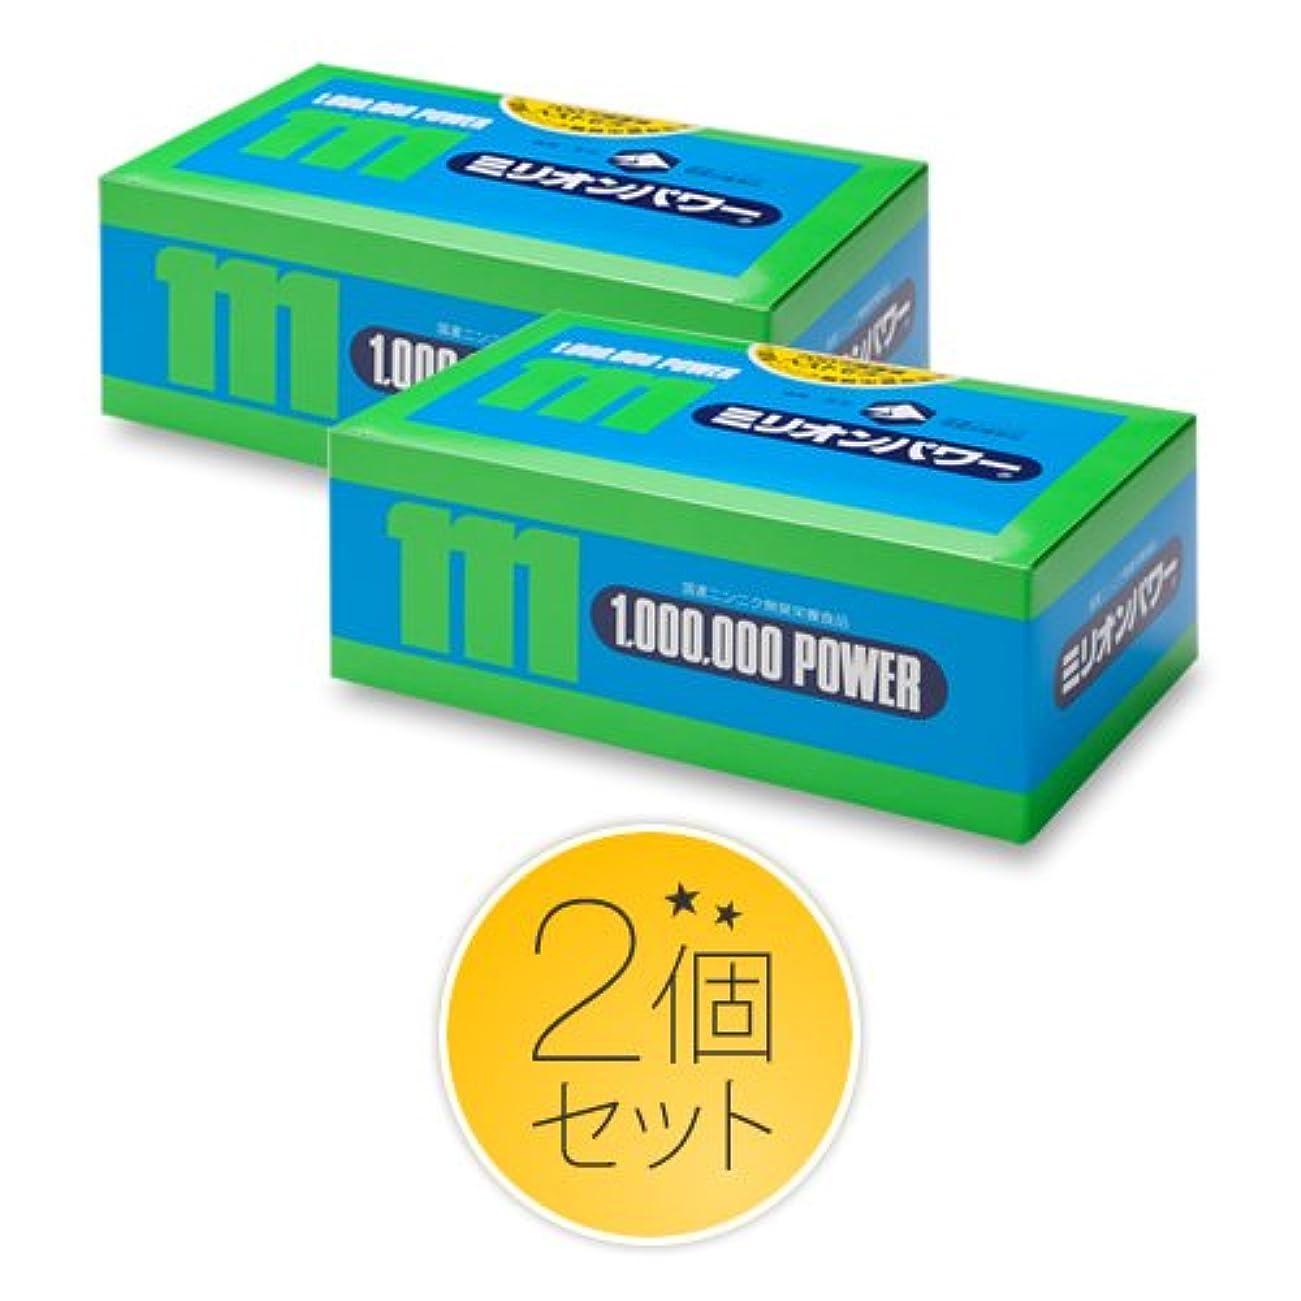 社員ゲートウェイ読みやすいミリオンパワー2箱セット【期間限定】EPA高配合 さらさら青魚プレゼント